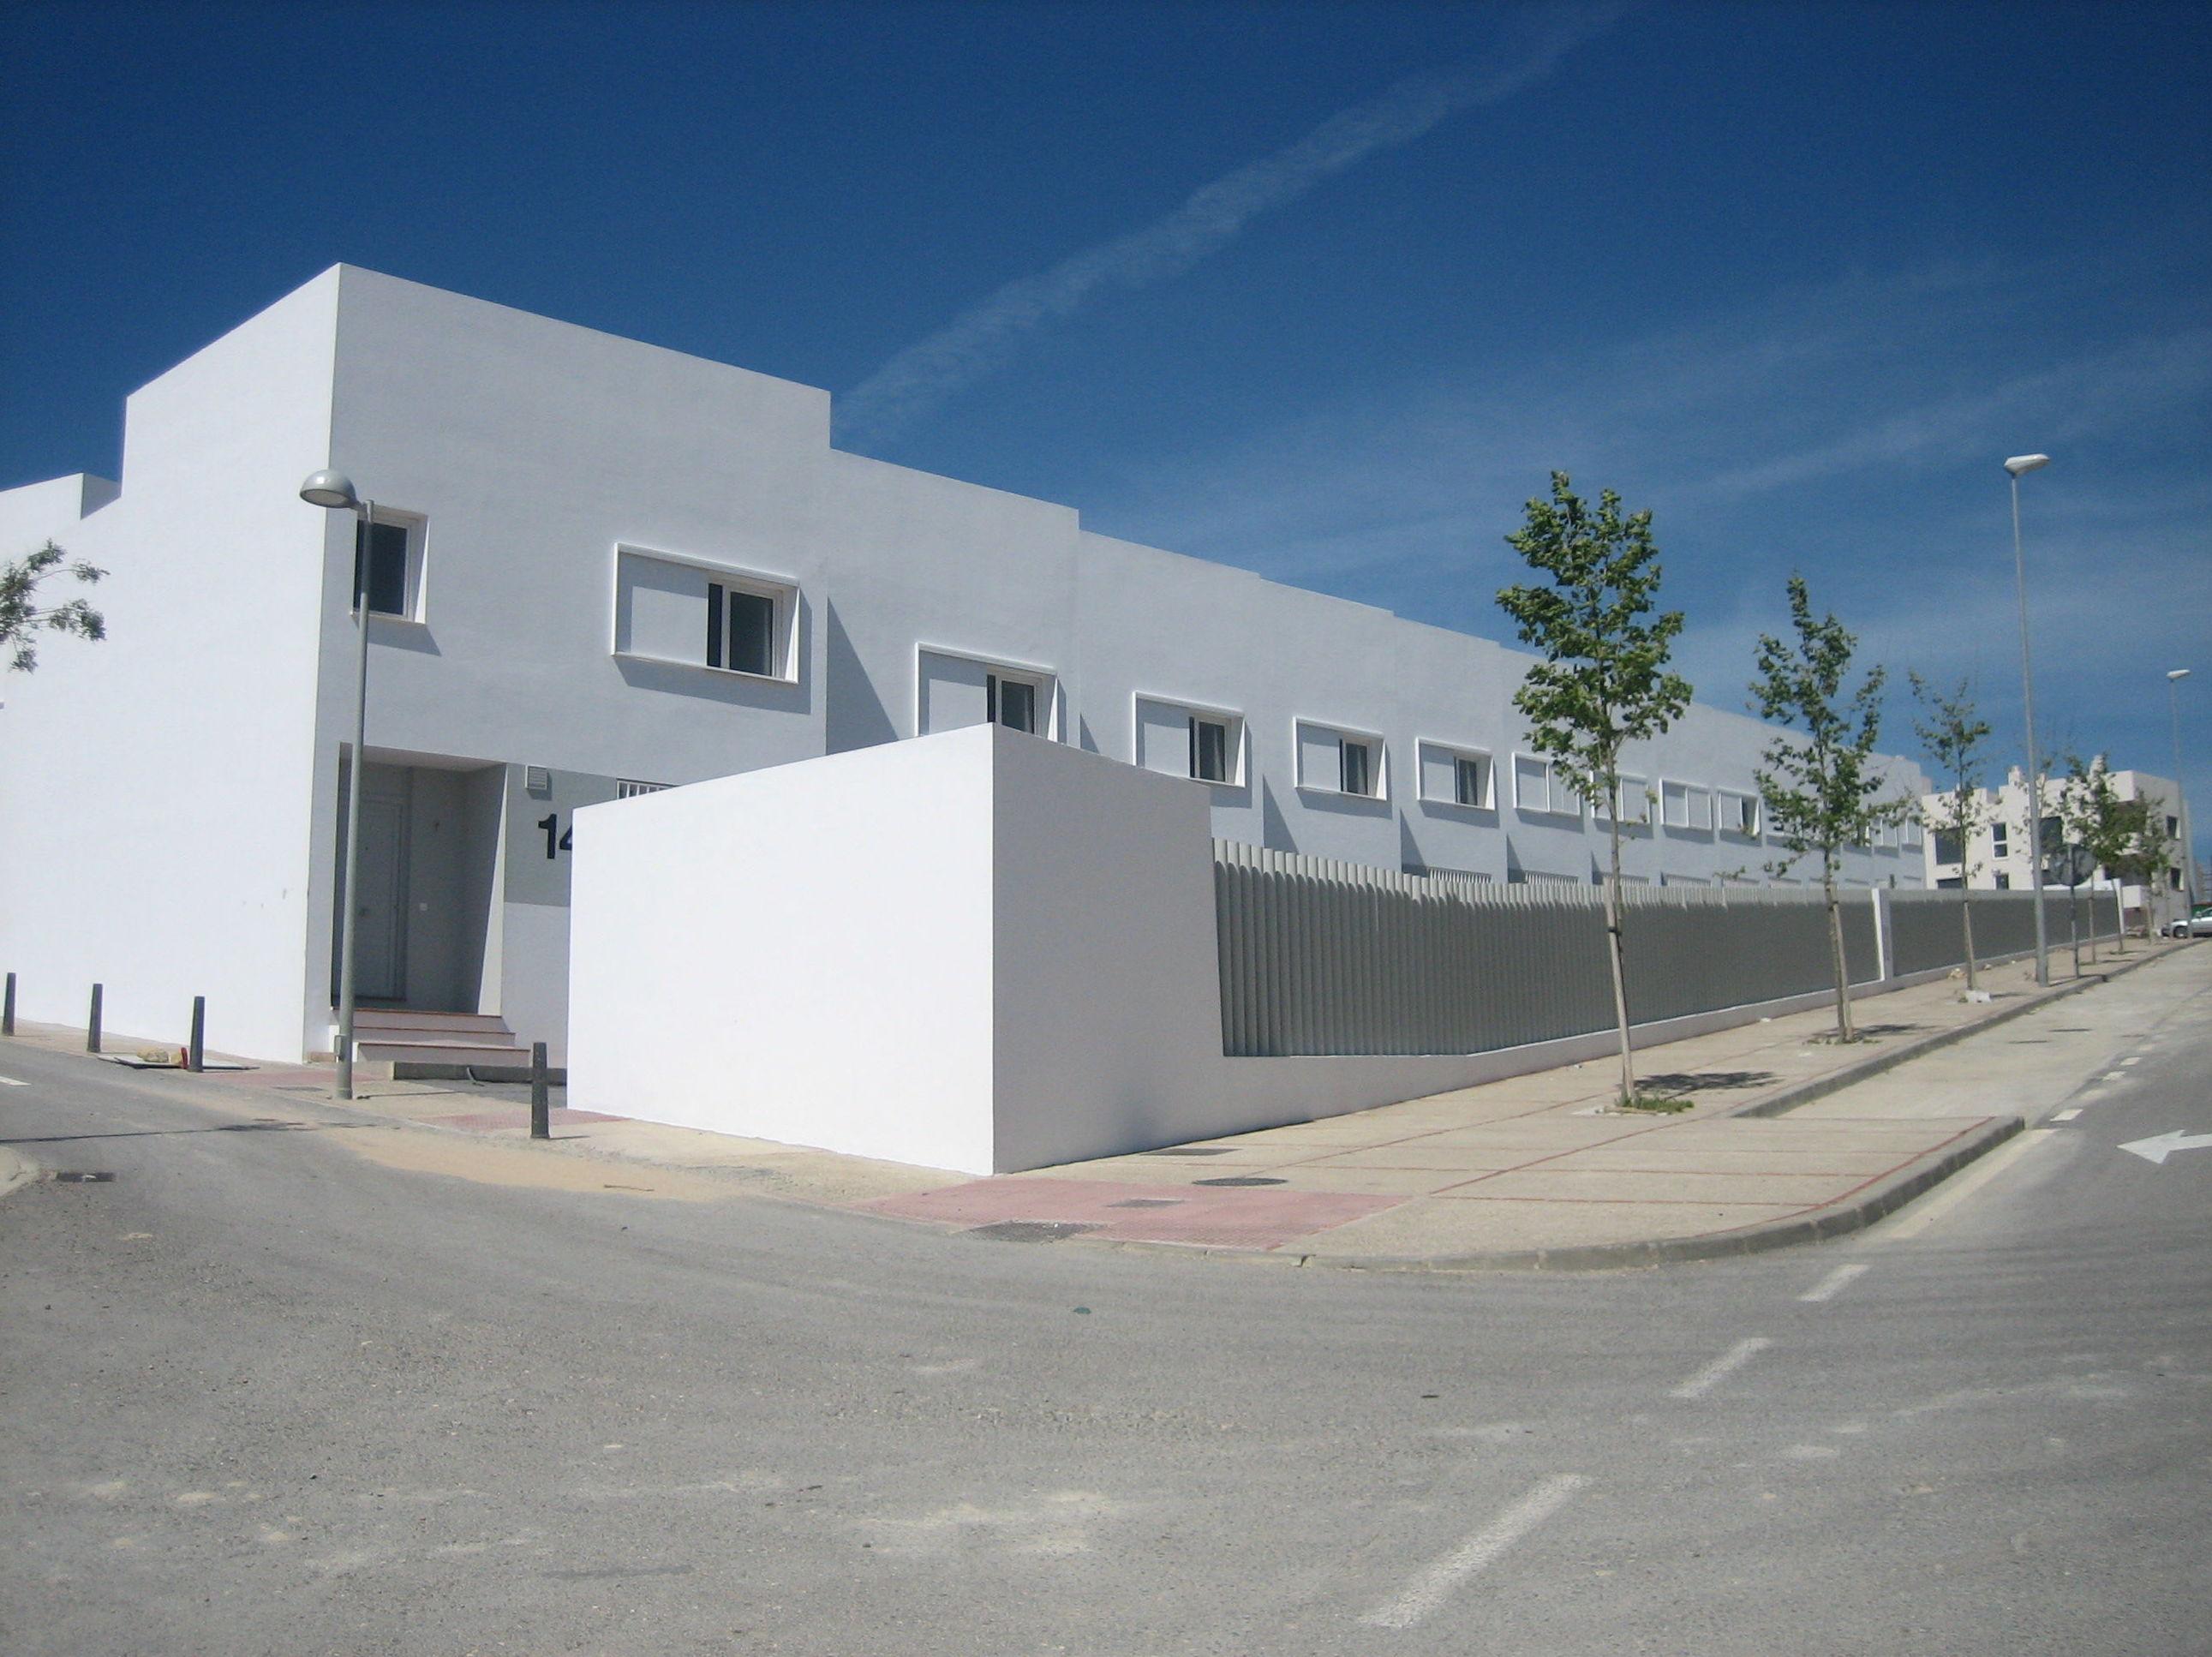 Viviendas unifamiiliares pocito blanco proyectos de - Proyectos de viviendas unifamiliares ...